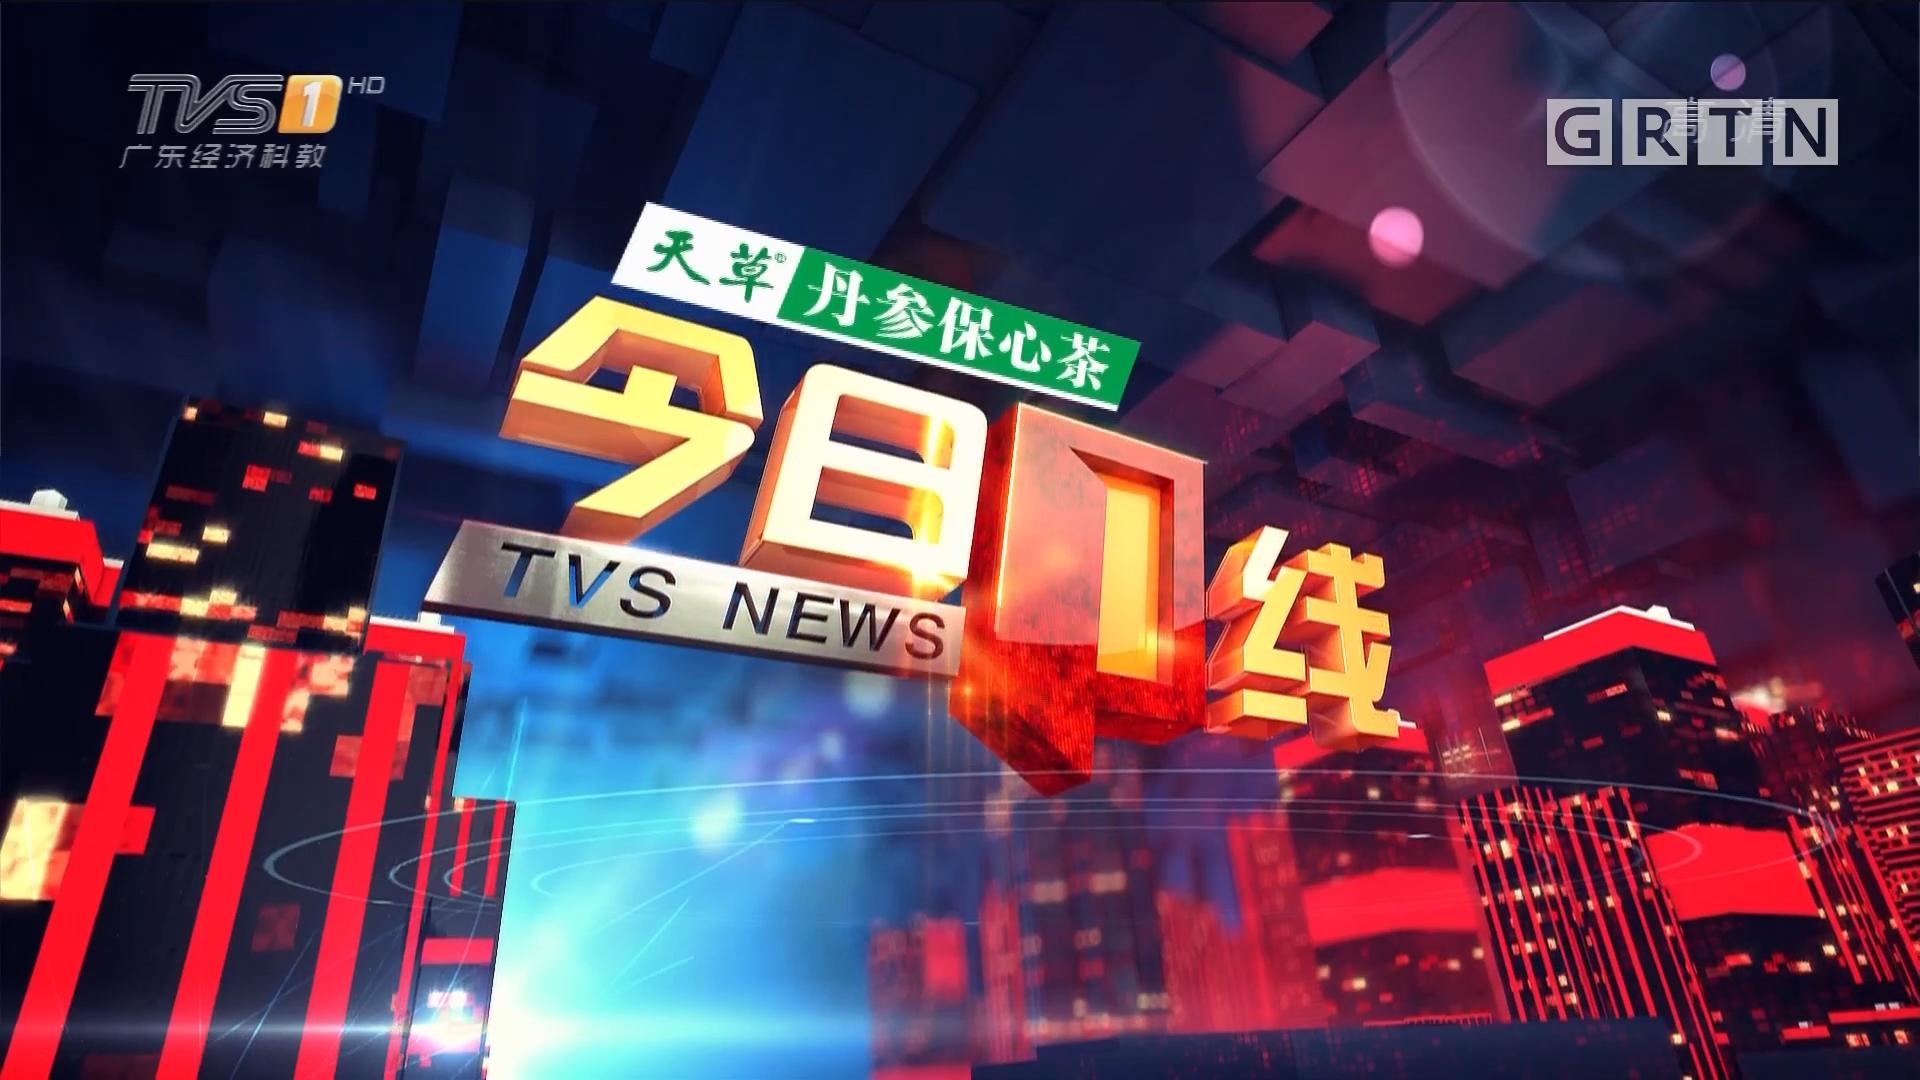 """[HD][2017-10-15]今日一线:防御台风""""卡努"""":湛江 台风预计今晚到明早登陆 各方加紧防范"""